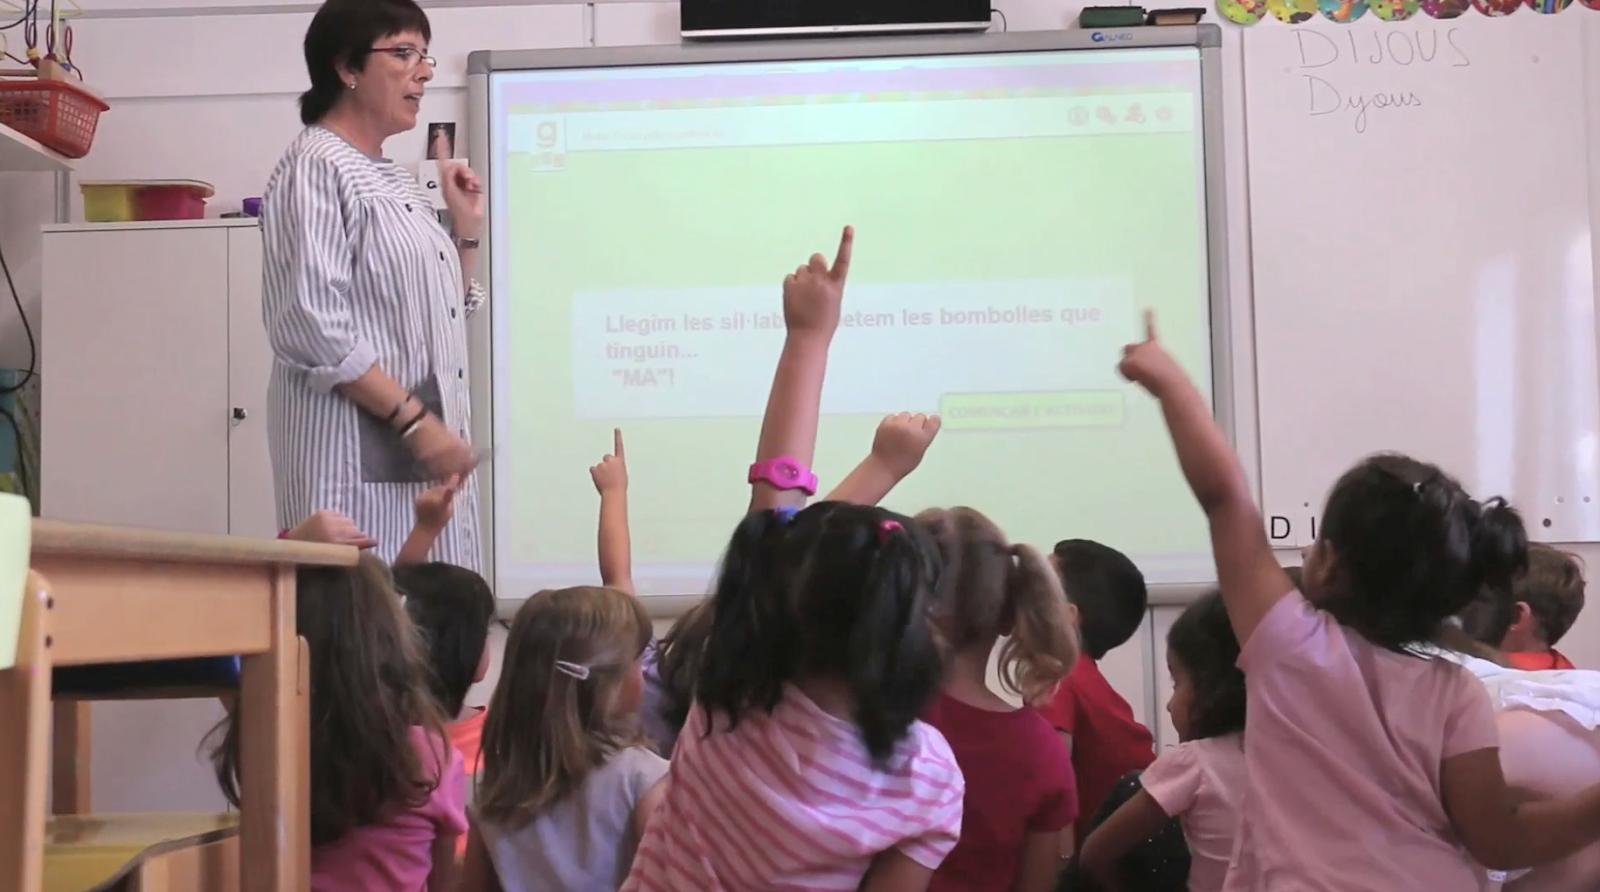 El método Glifing se ha adaptado en Centros de Aprendizaje y Escuelas de España, su creadora espera que pronto llegue a México.